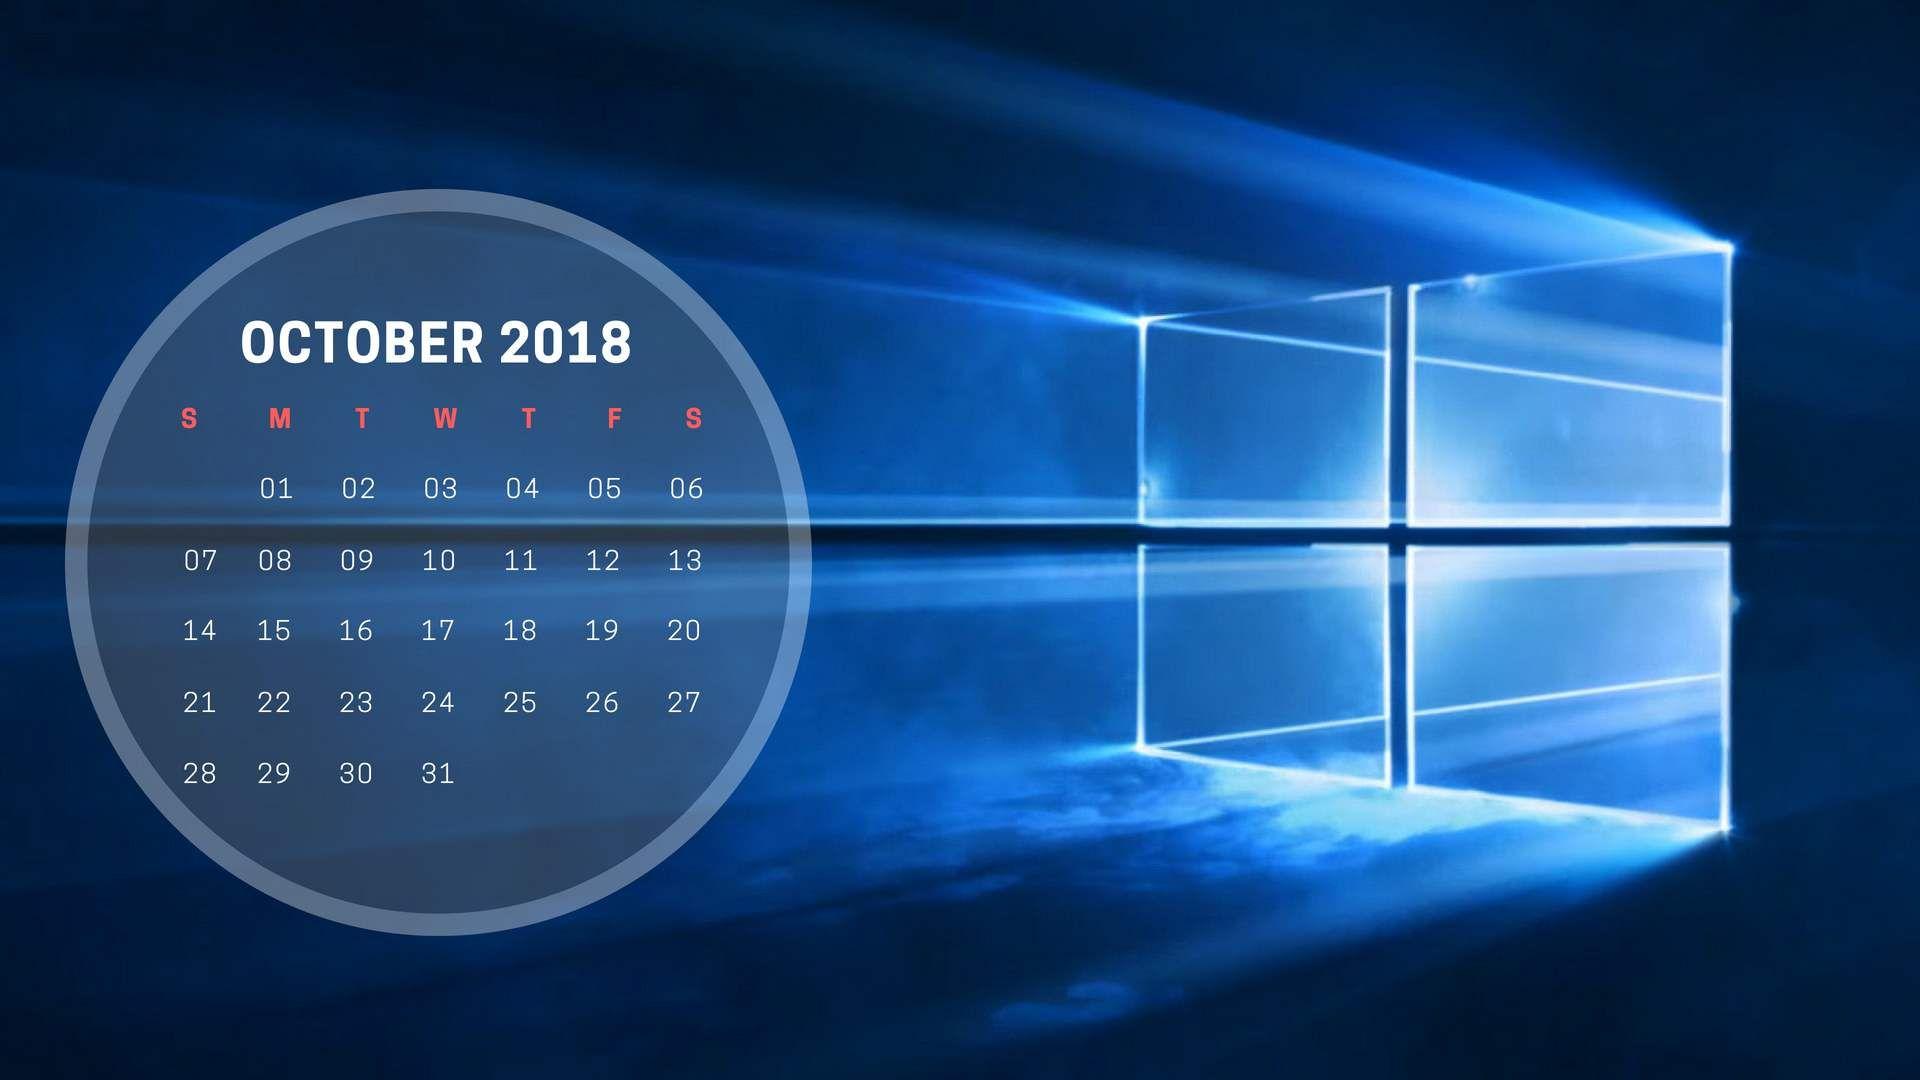 October 2018 Calendar Wallpaper Window Calendar Wallpaper